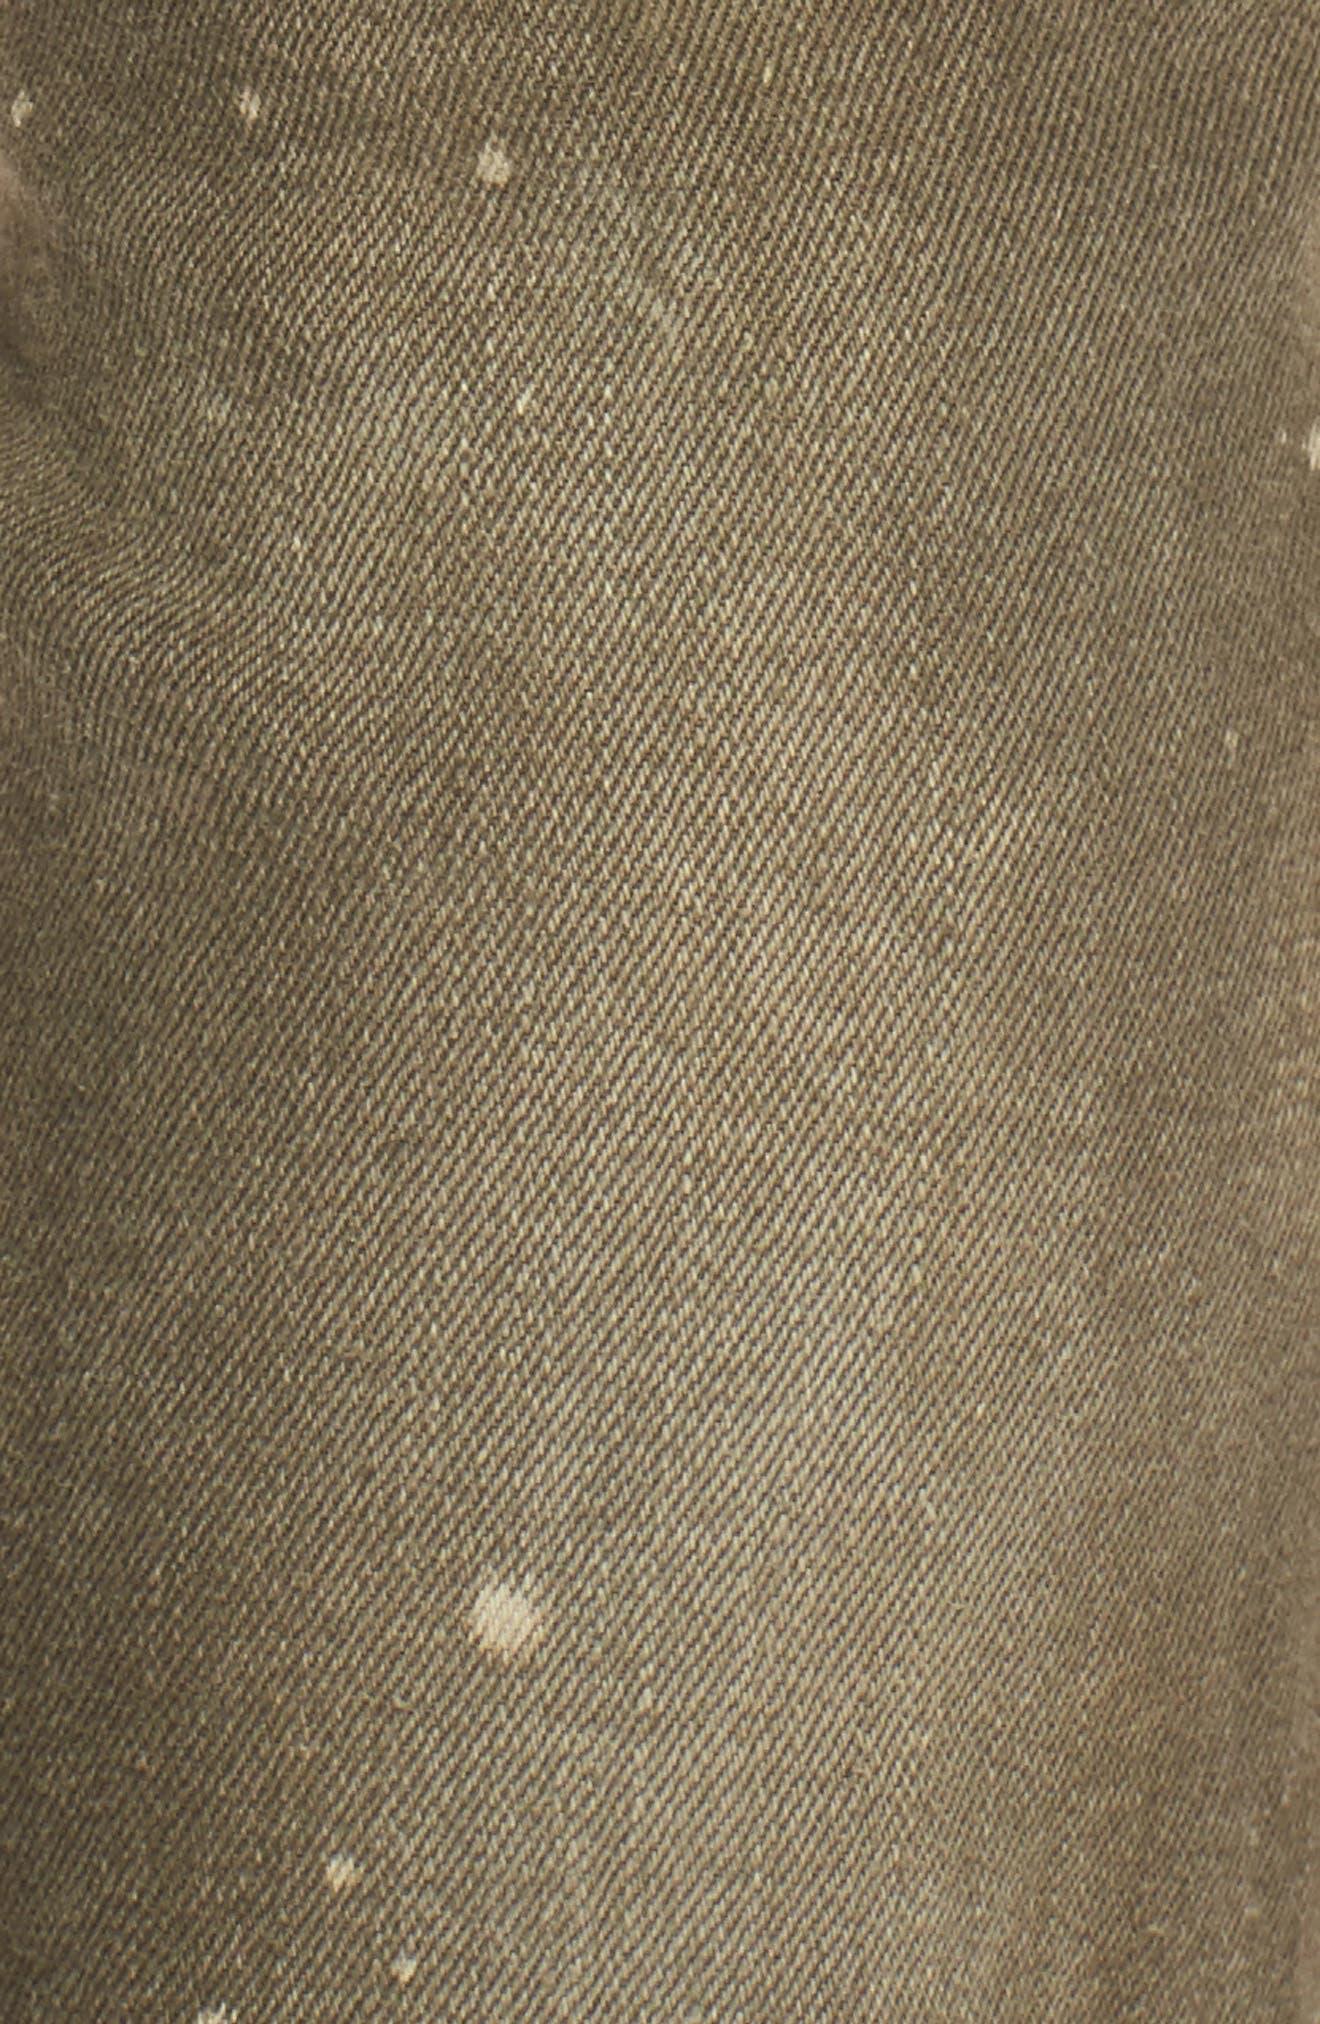 Demon Slim Straight Leg Jeans,                             Alternate thumbnail 5, color,                             Light